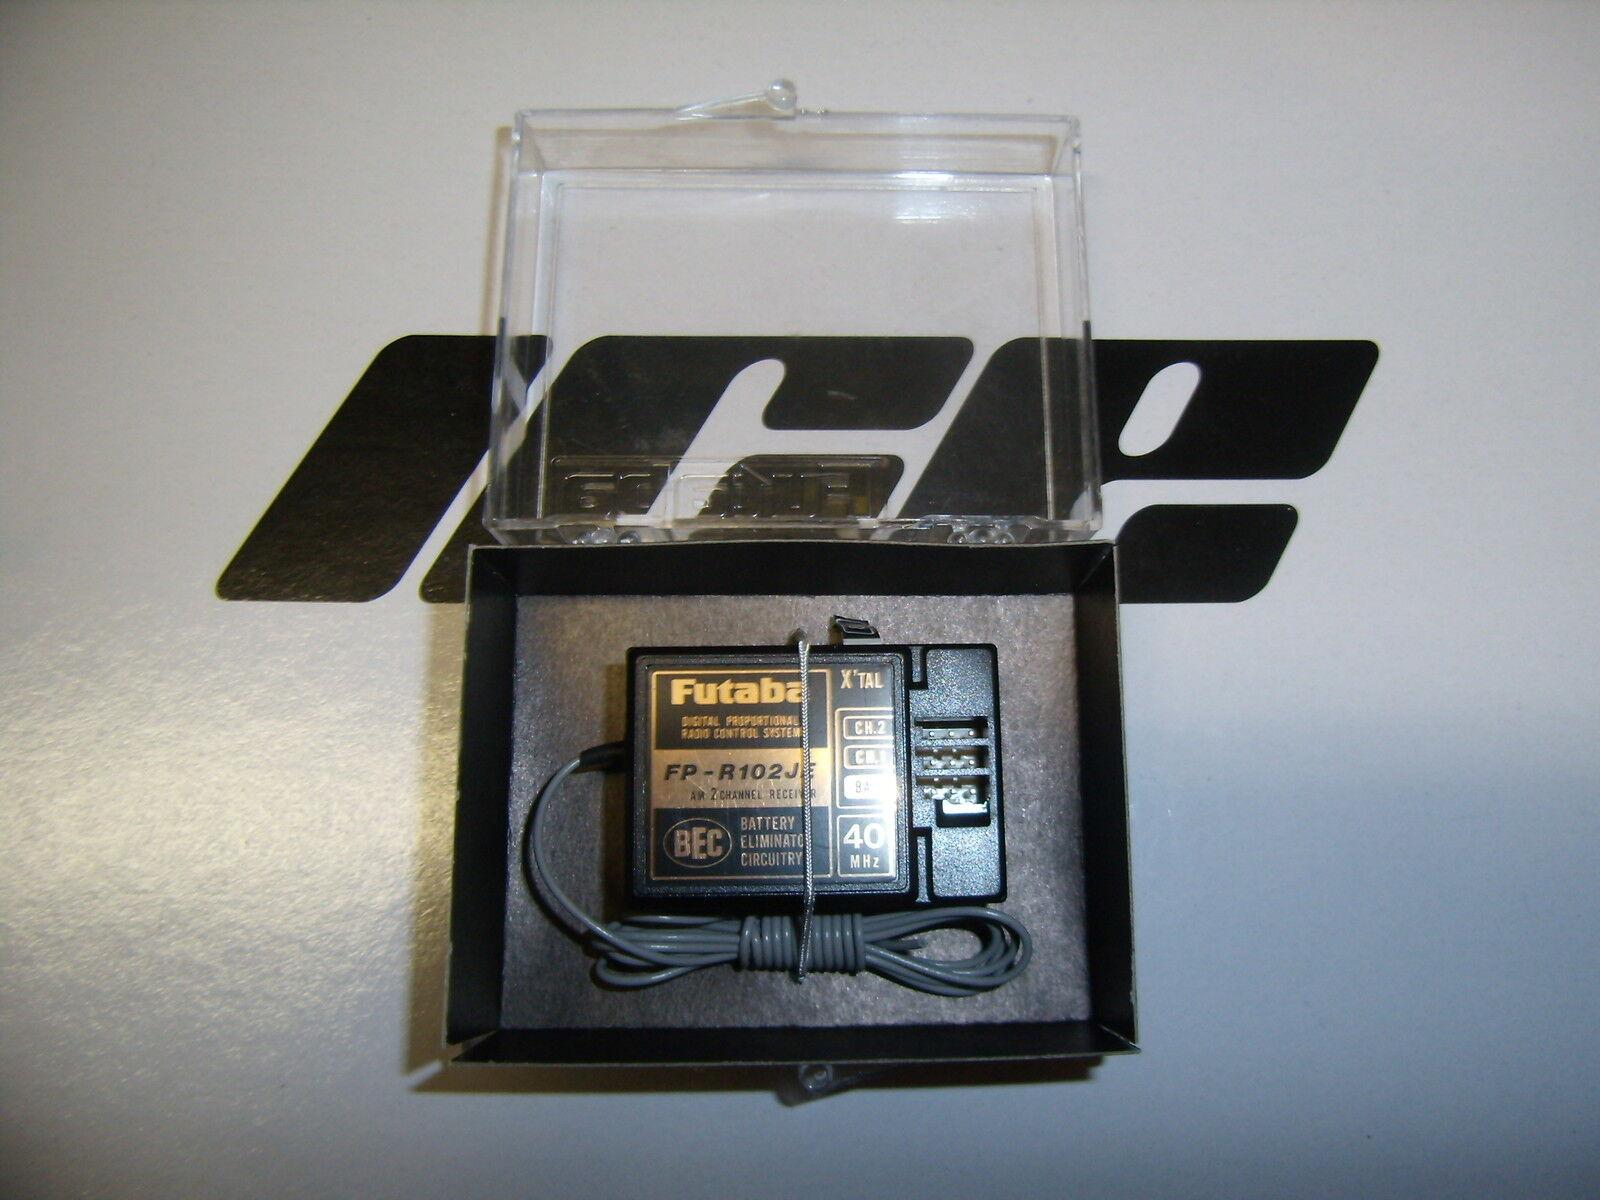 Vintage Futaba 1008 FP-R102JE 2 Ch Reciever 40Mhz NIB